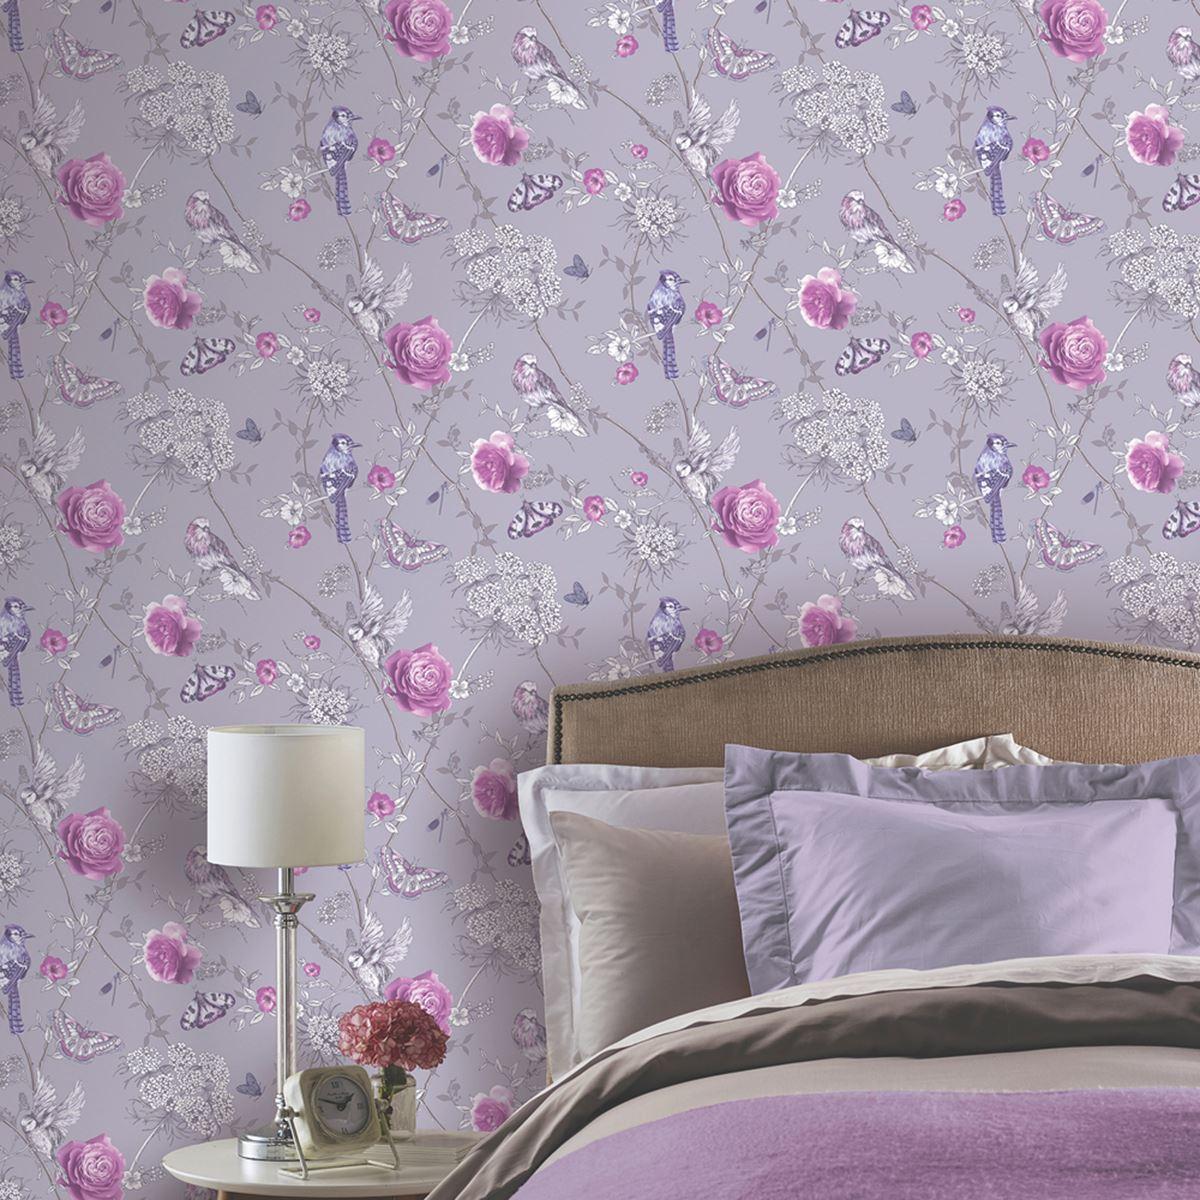 Precioso p jaros tem tico papeles pintados en varios dise os decoraci n de pared ebay - Papeles pintados de diseno ...